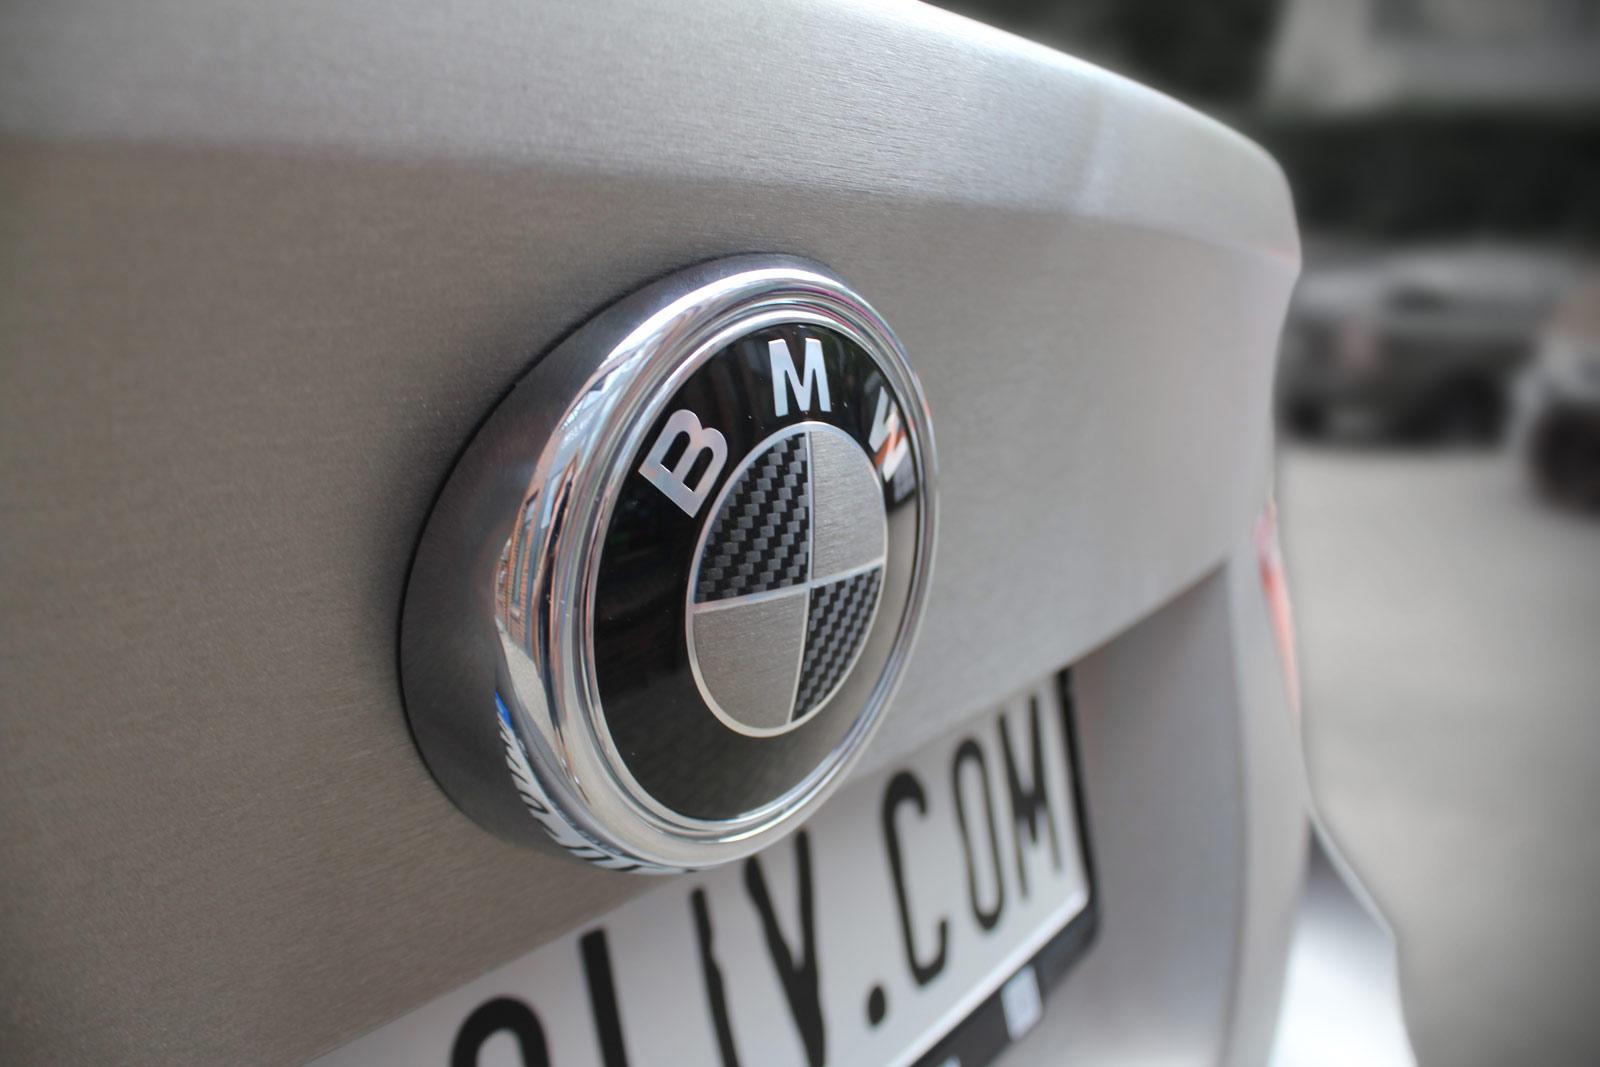 Carbon und gebürstete Metall Folie auf dem BMW X6 Emblem.